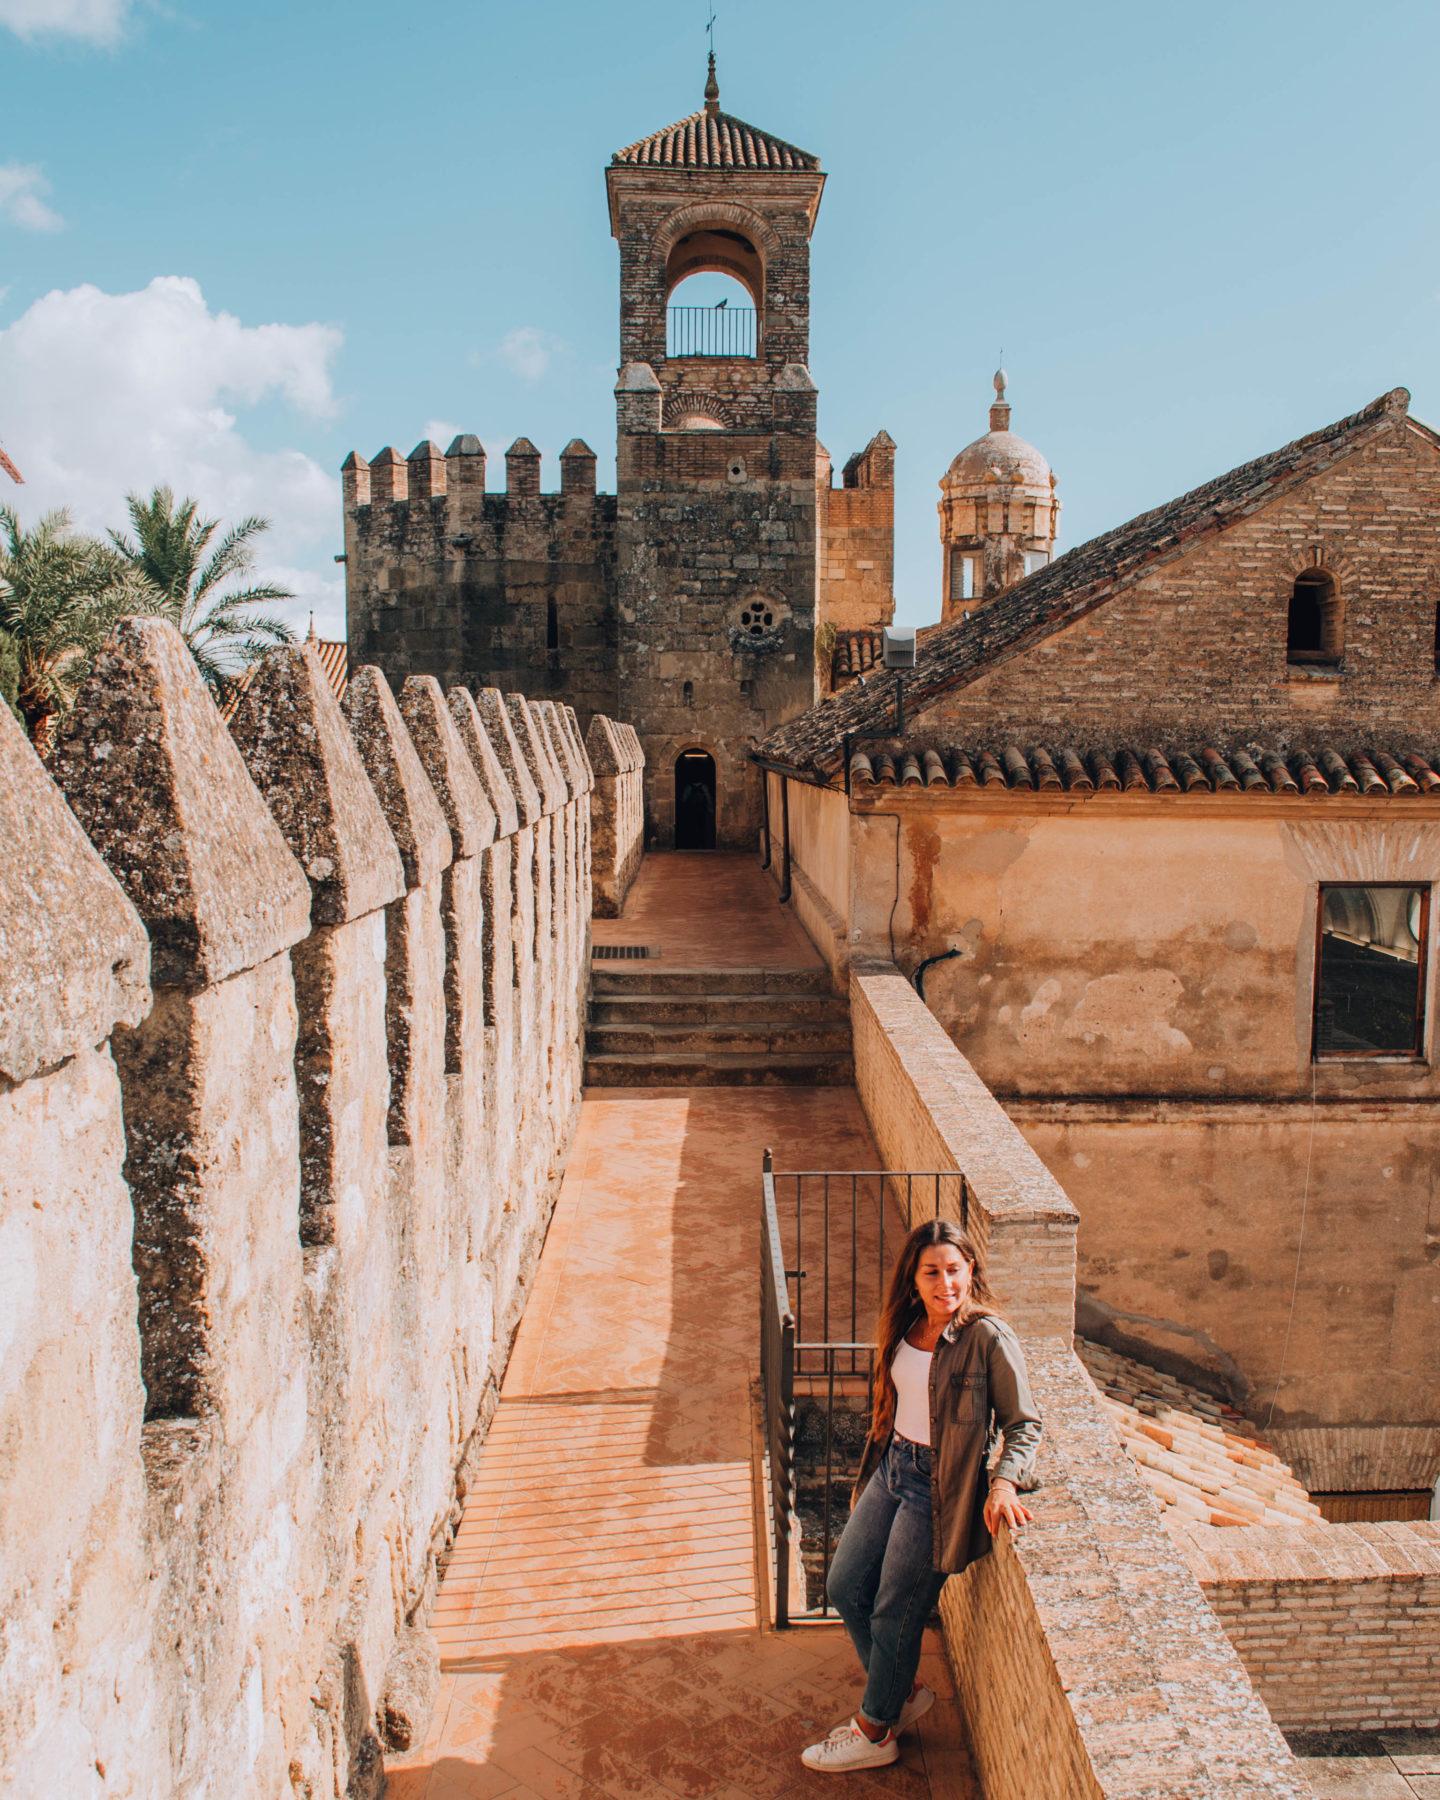 Corridoio esterno di una fortezza araba con torre